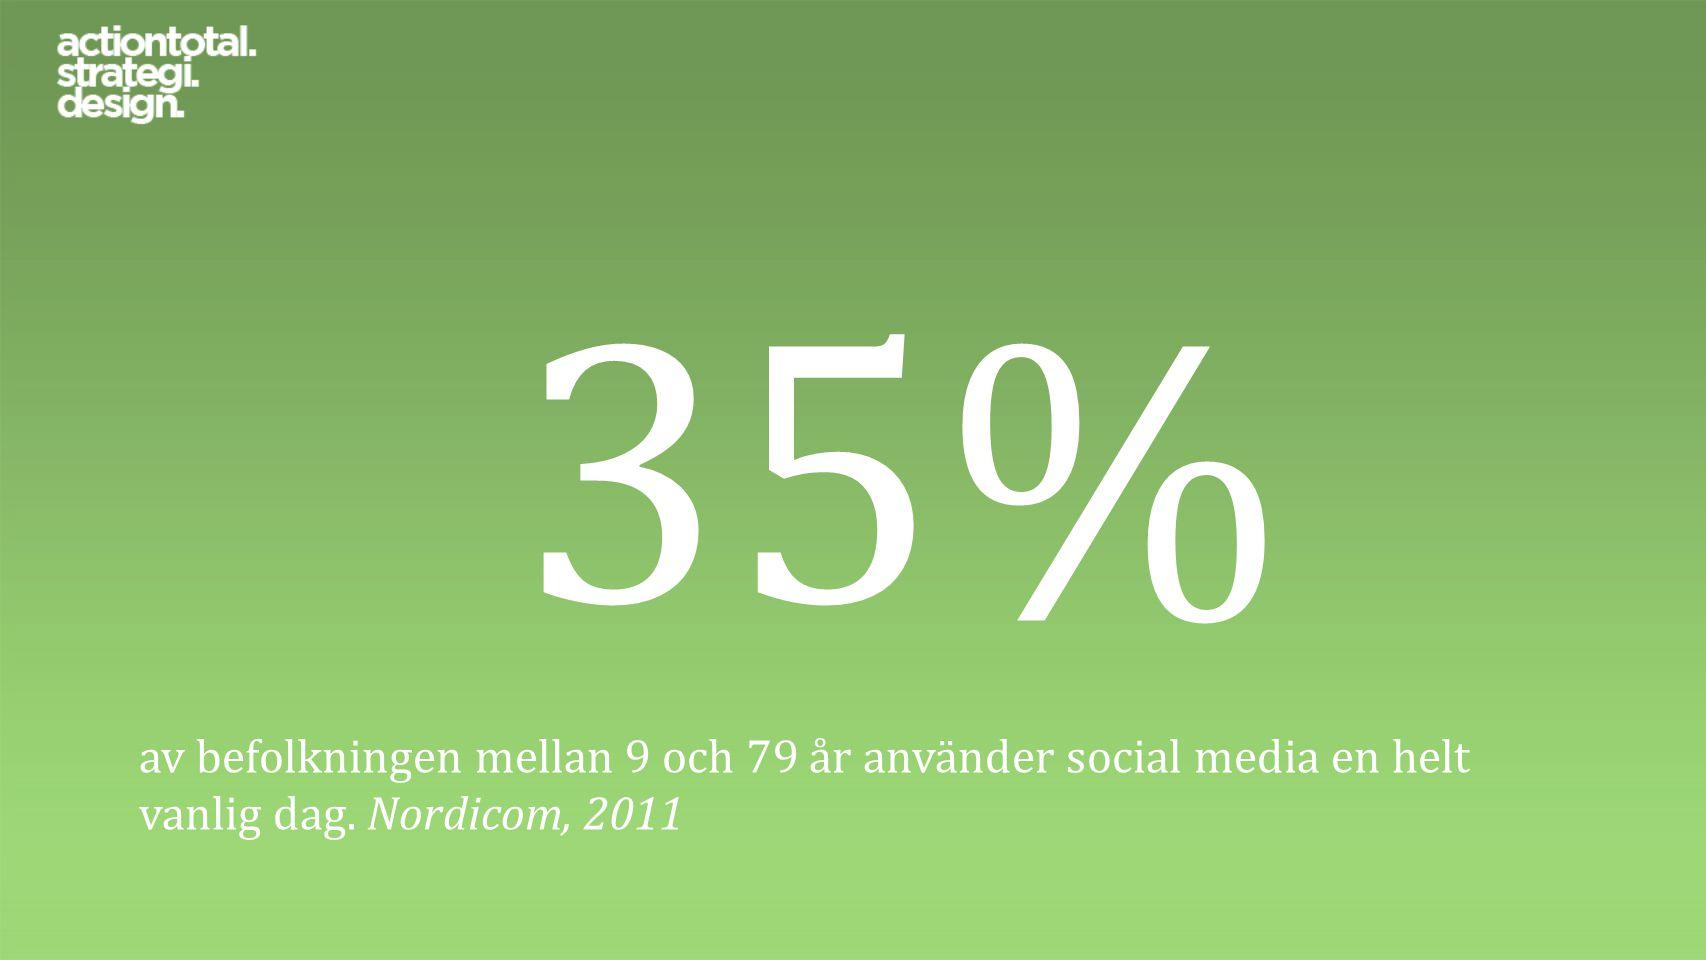 40 av 56 svenska A-listade företag på Stockholmsbörsen är närvarande på Facebook och/eller Twitter.